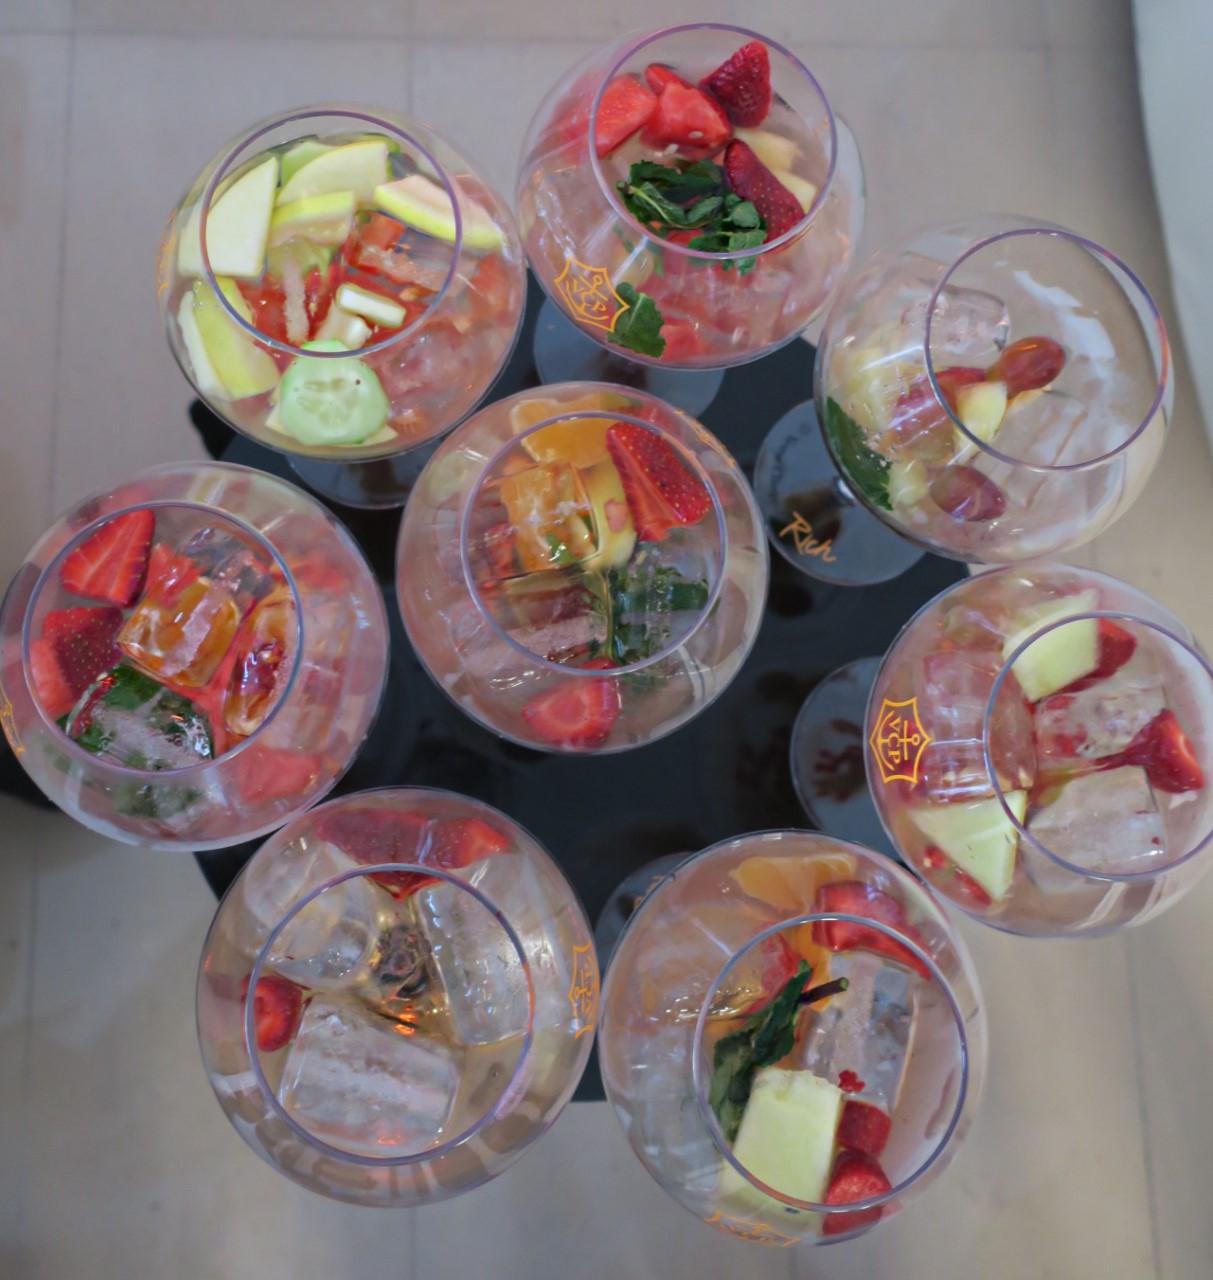 veuve_clicquot_rich_recipes_contest_brand_ambassador_lara_martin_gilarranz_bymyheels-1